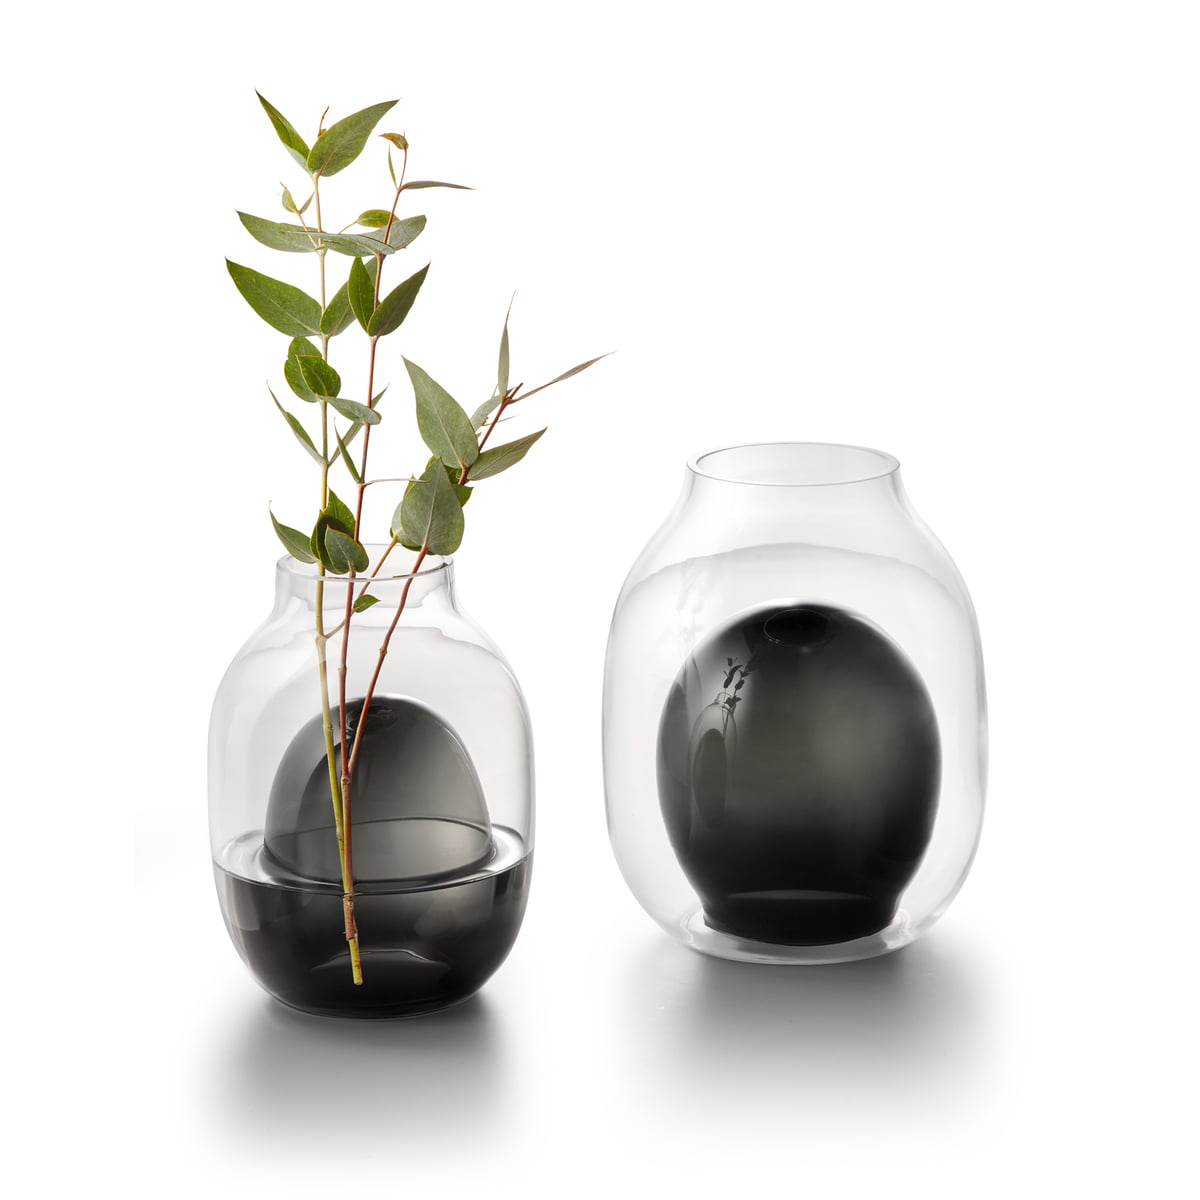 200 x Glasperlen türkis; H22 rund stone look schwarz 4 mm